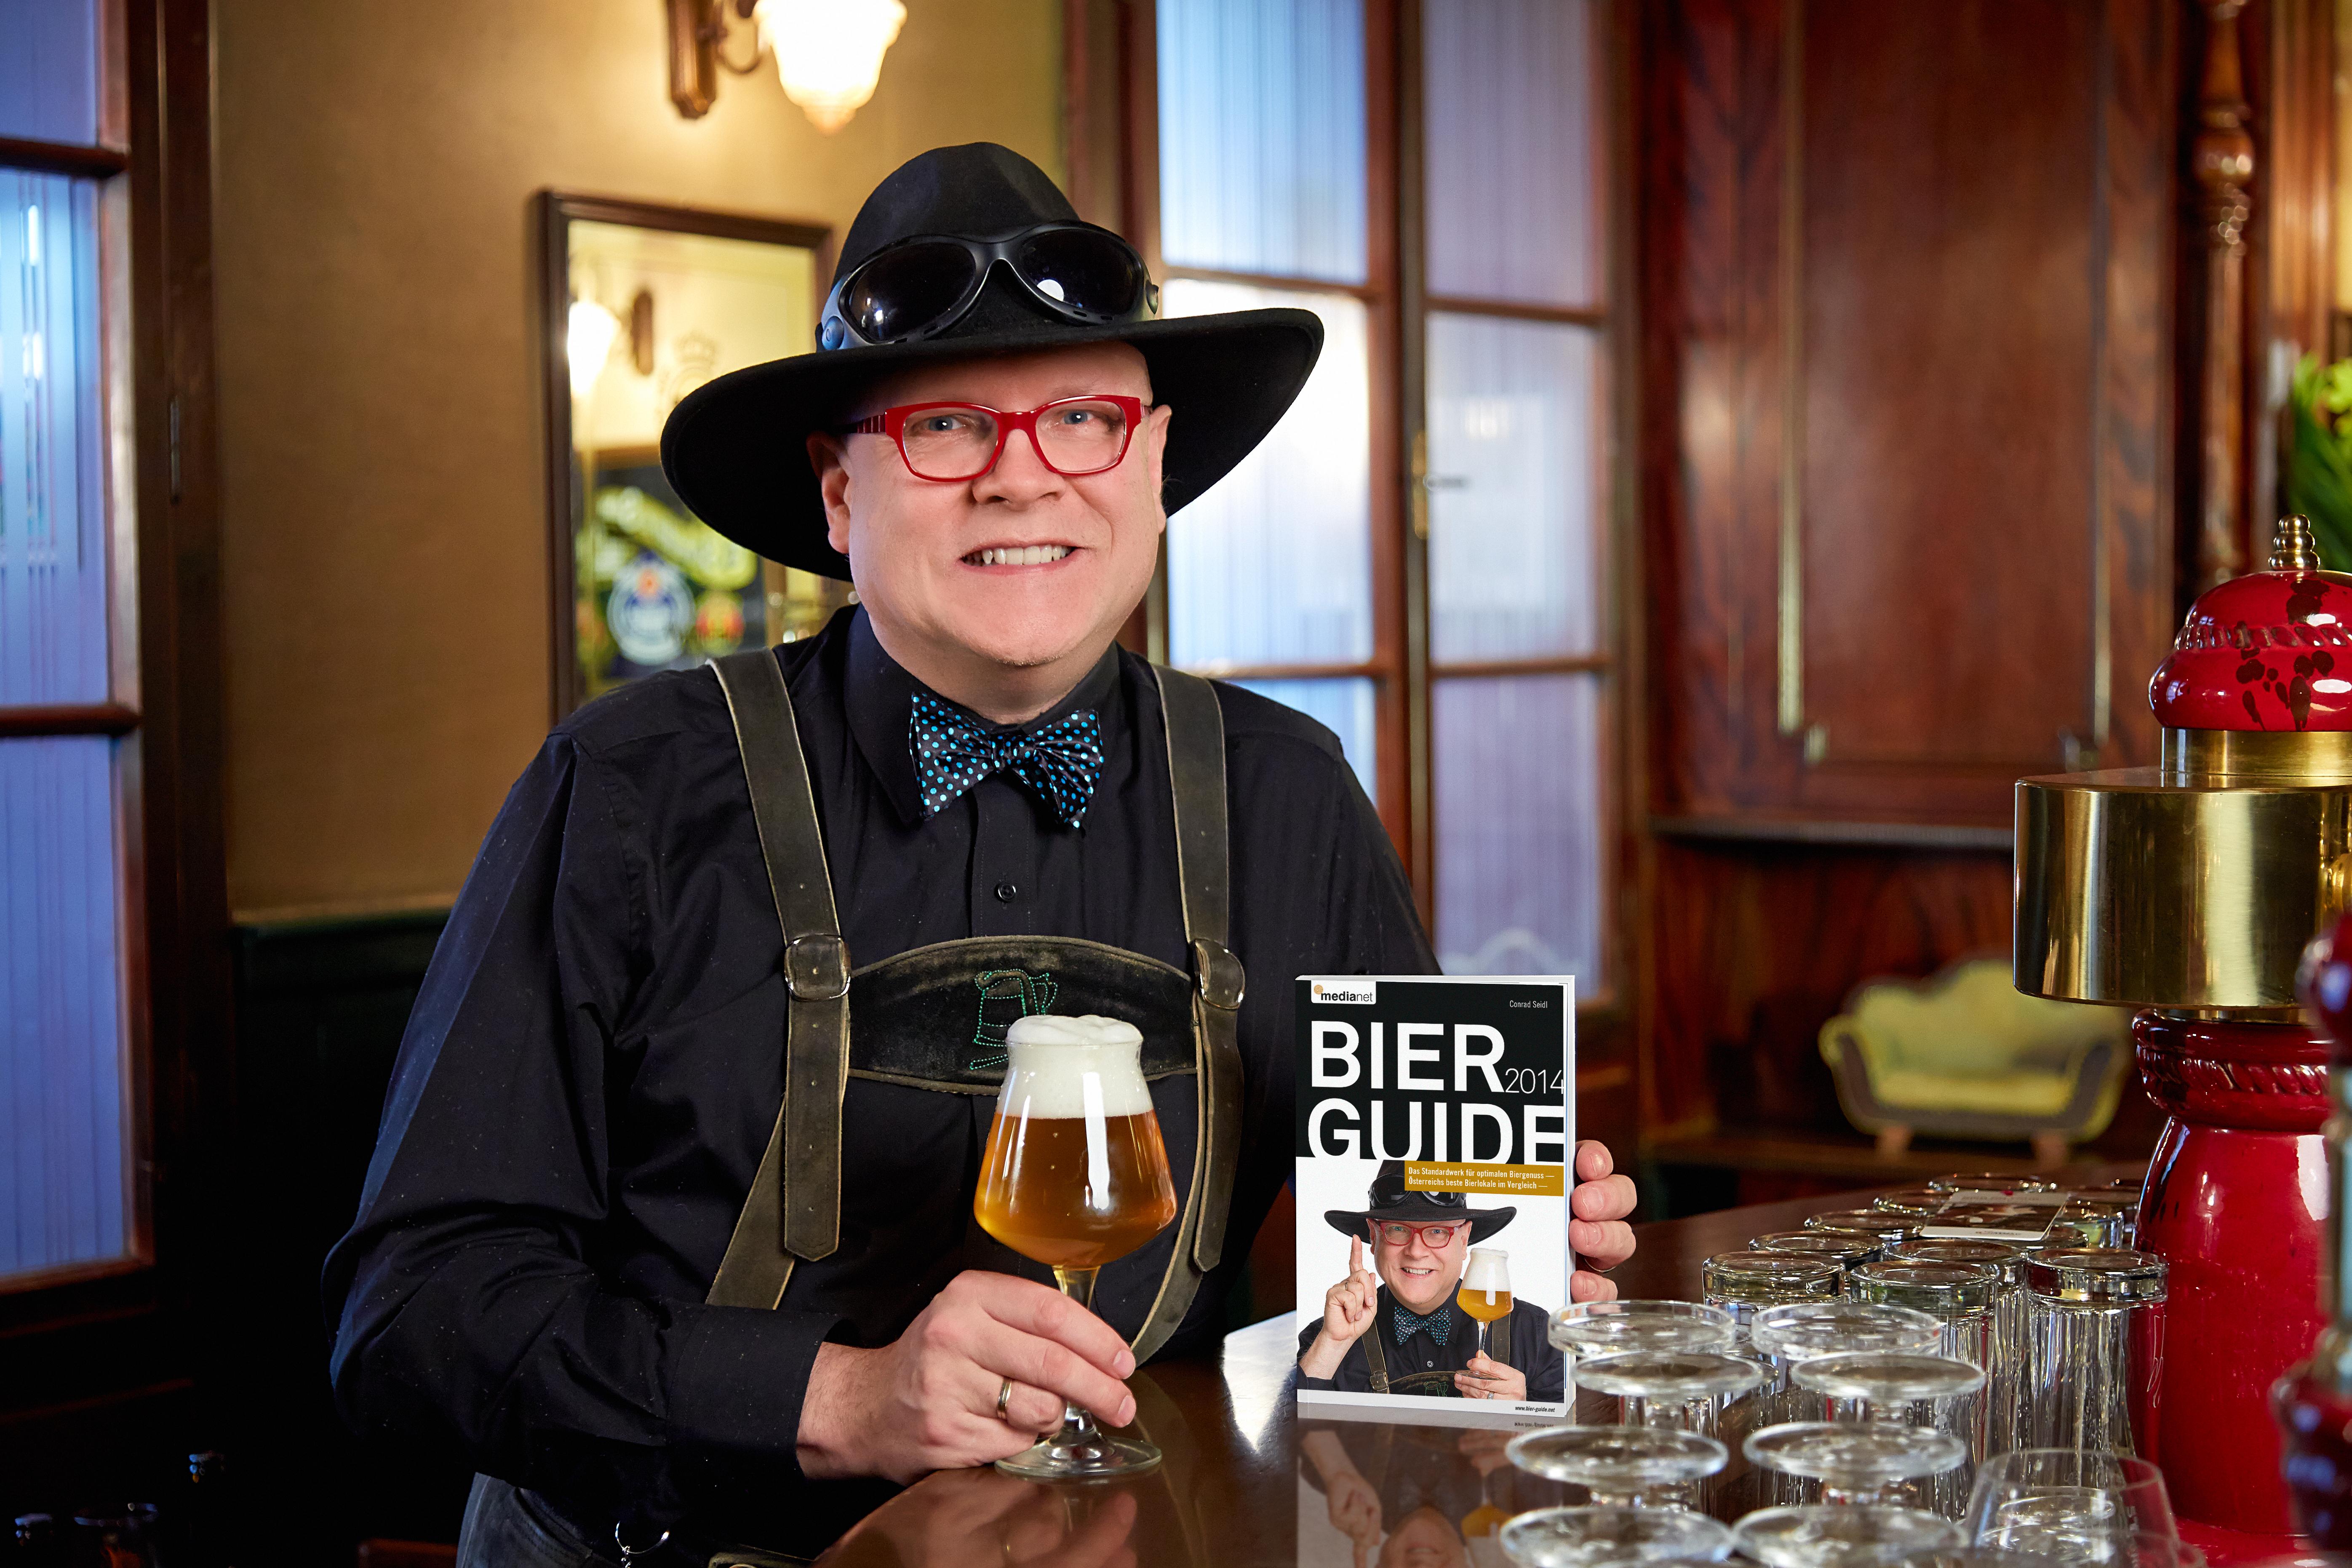 2014 - Bierguide - Bierpapst Conrad Seidl - Pressefoto Günther Menzl - Foto honorarfrei bei Nennung des Fotografen